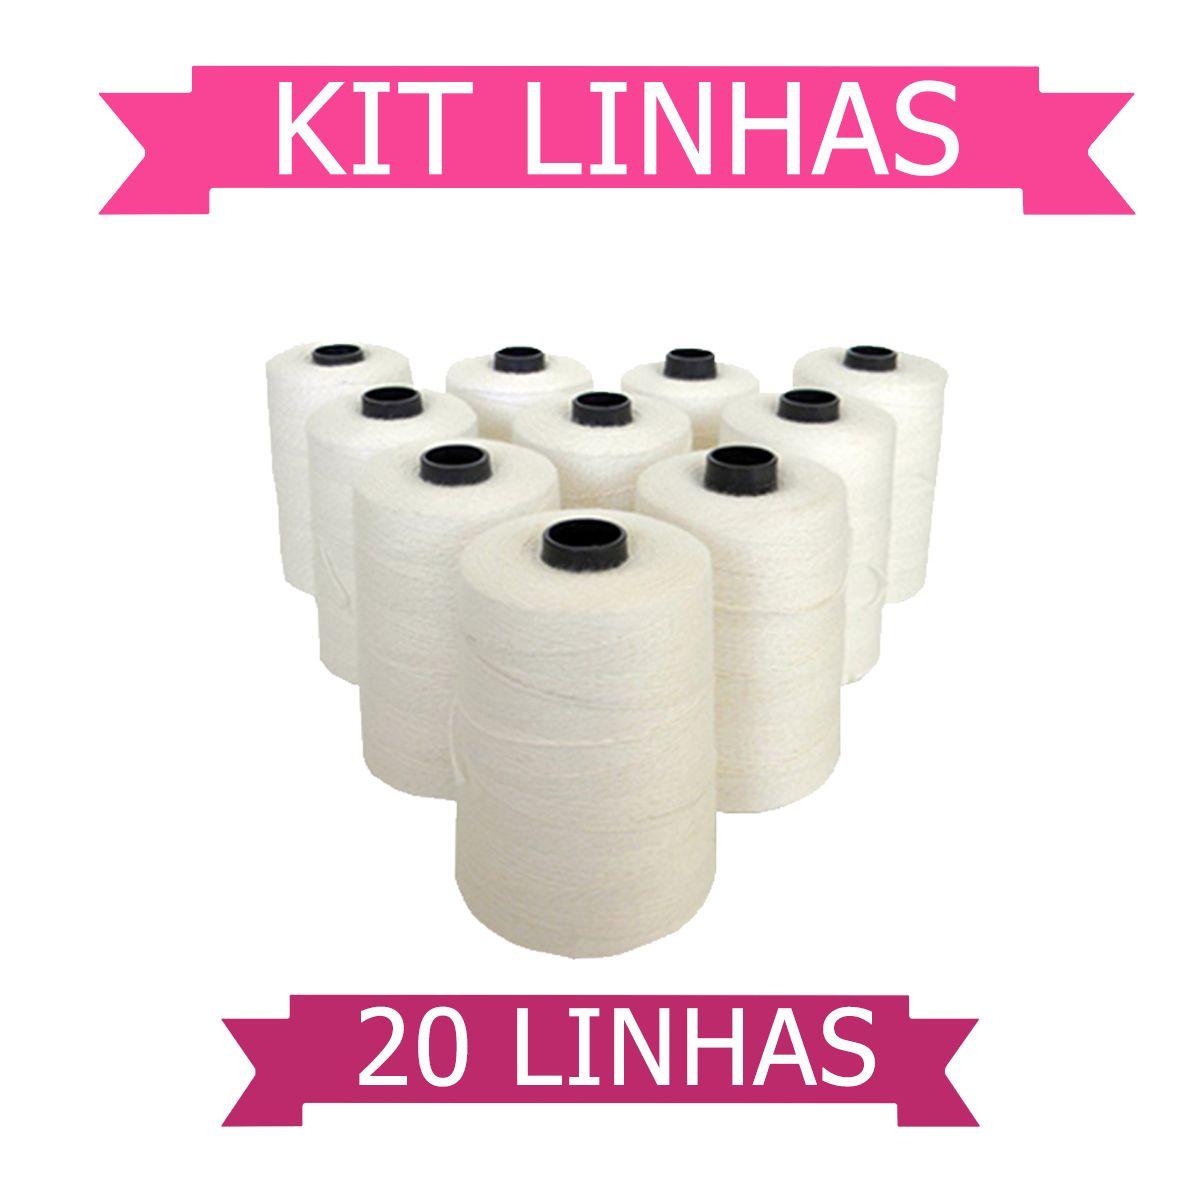 Kit 20 Linhas